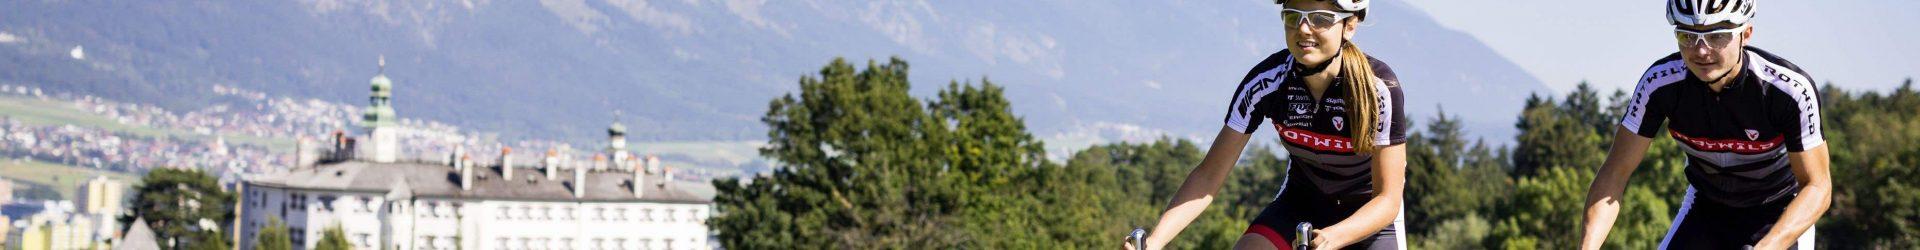 Innsbruck na WK wielrennen als fietsregio op de kaart gezet